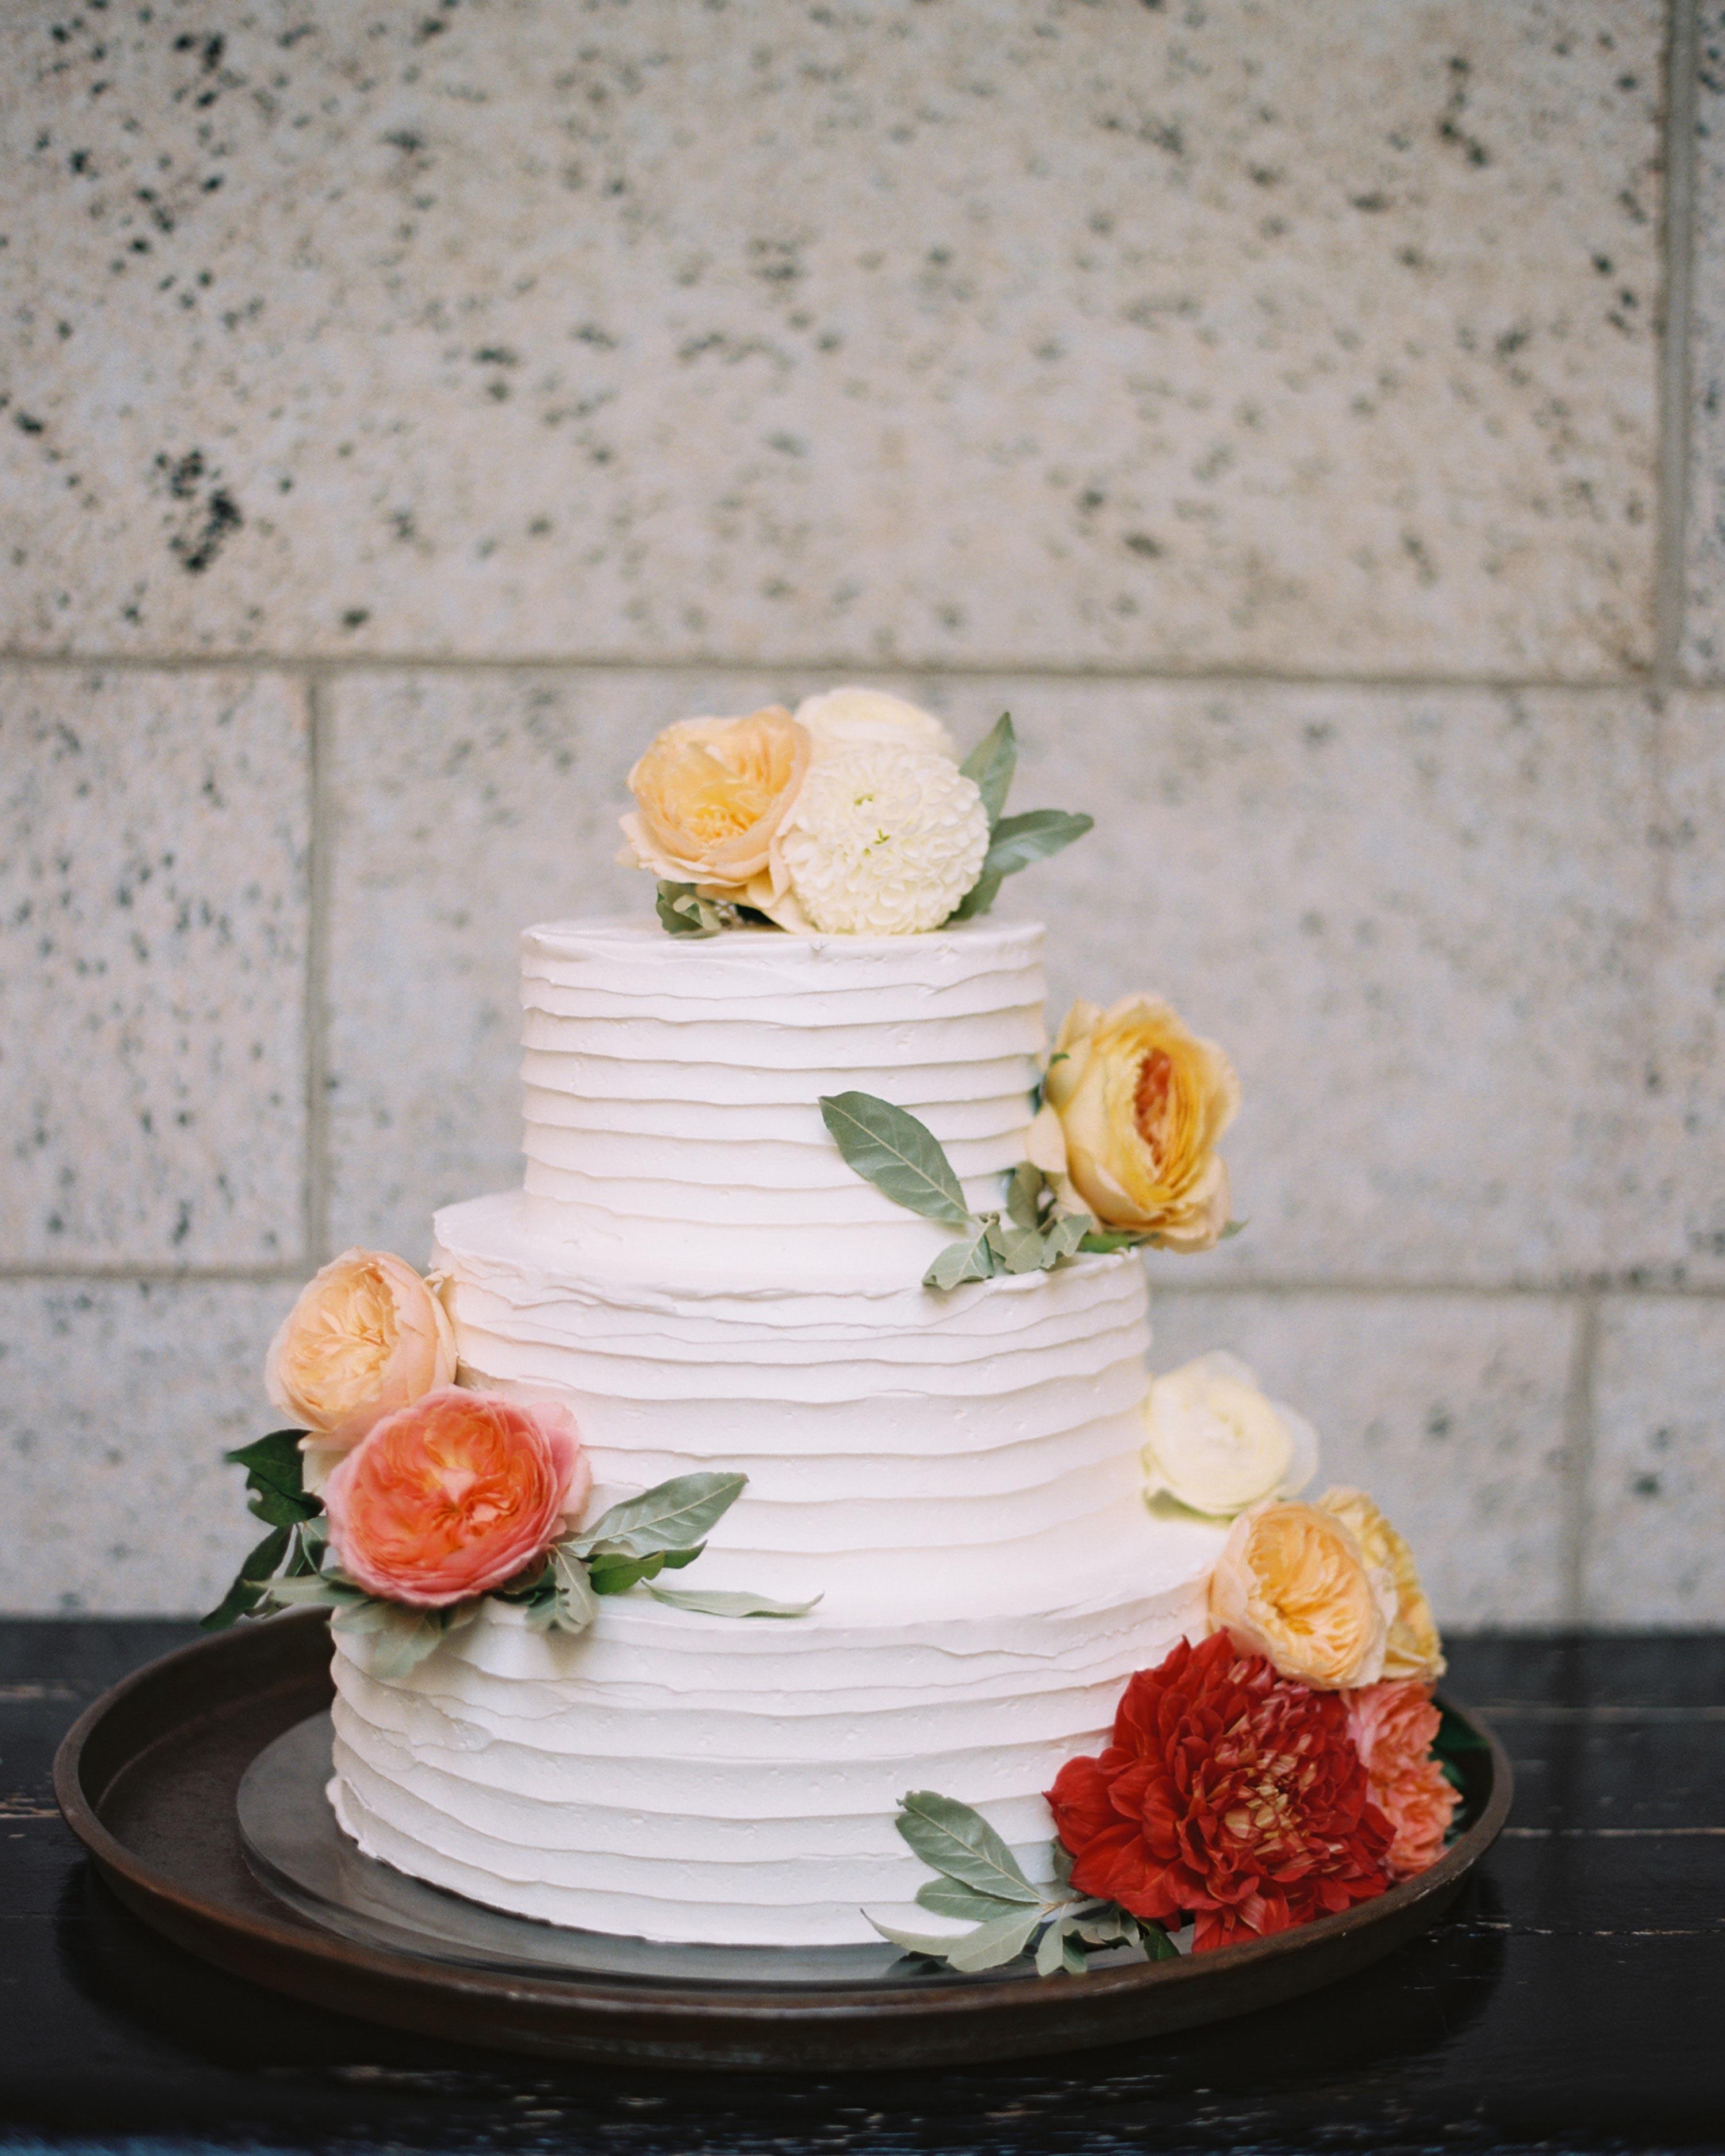 katie-kent-wedding-cake-016-s112765-0316.jpg